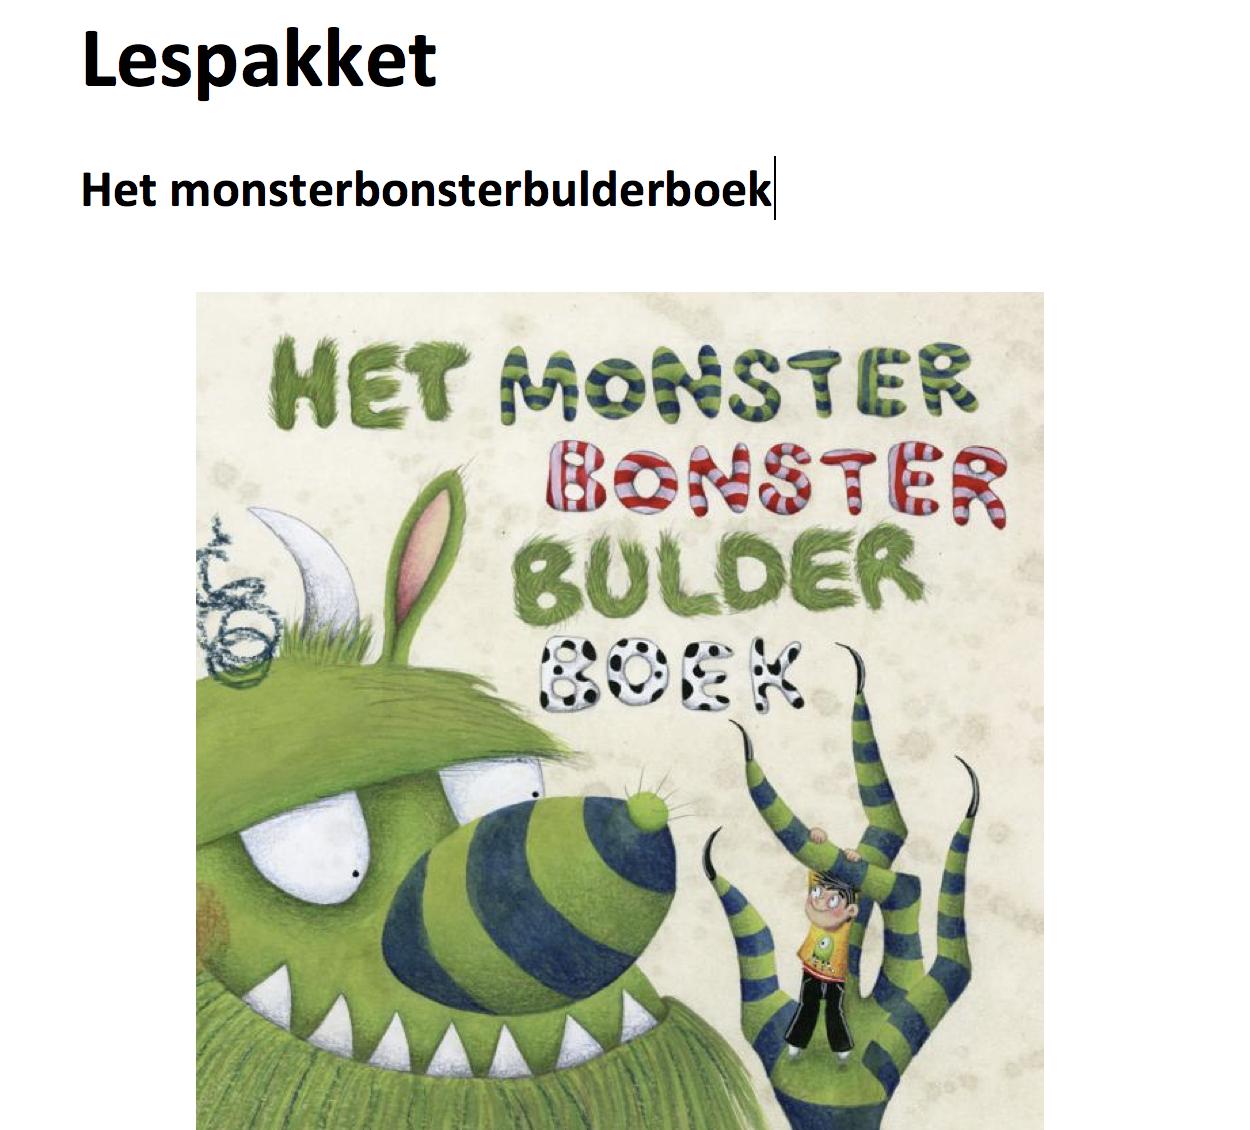 Lespakket Het monsterbonsterbulderboek